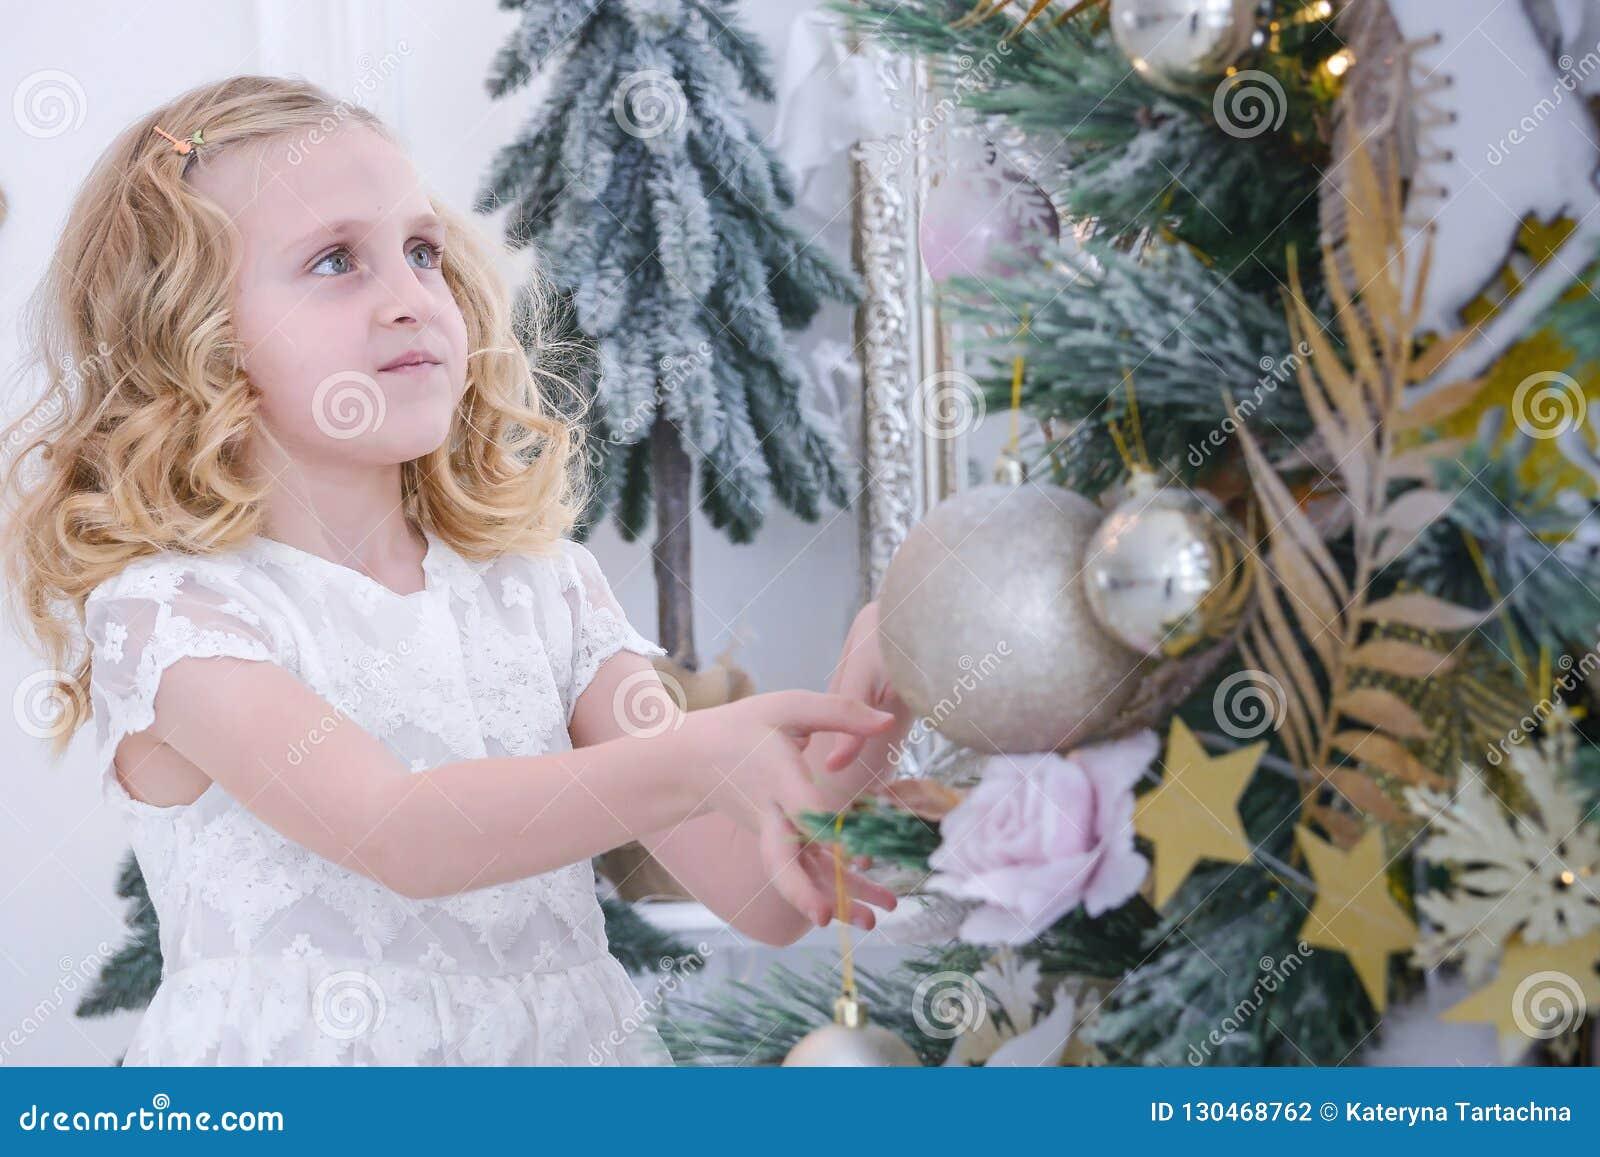 Barn som väntar på det nya året Gullig liten flicka som dekorerar julgranen